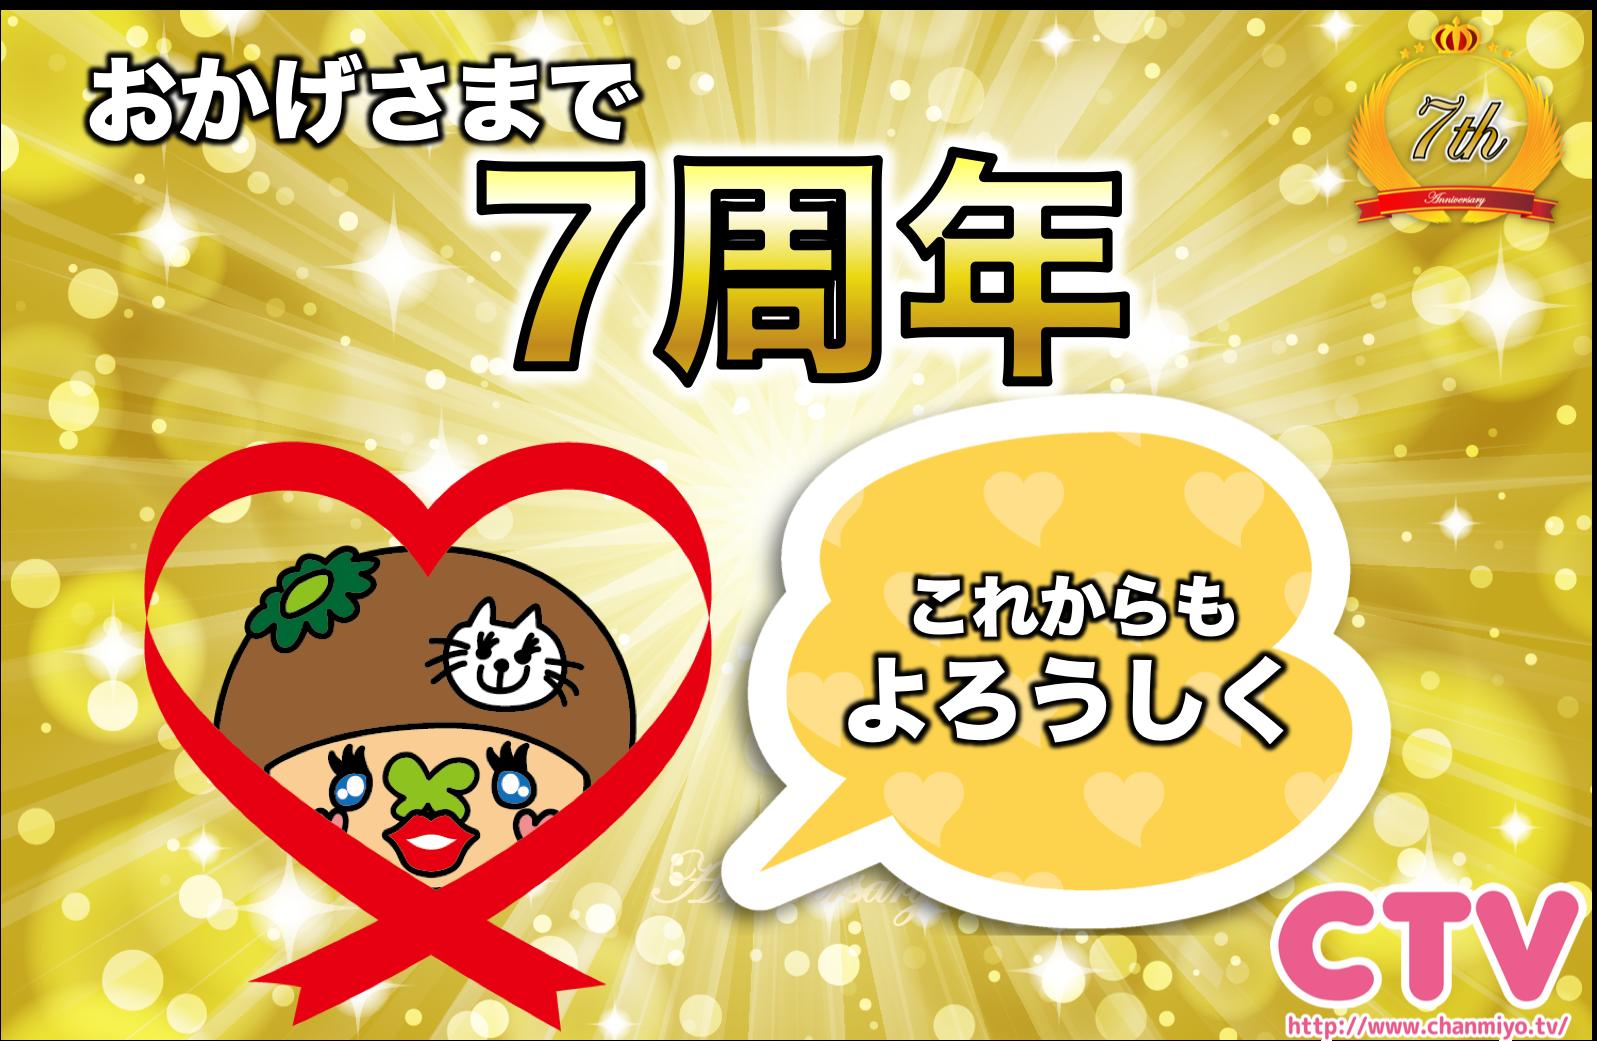 ちゃんみよTV開局7周年!